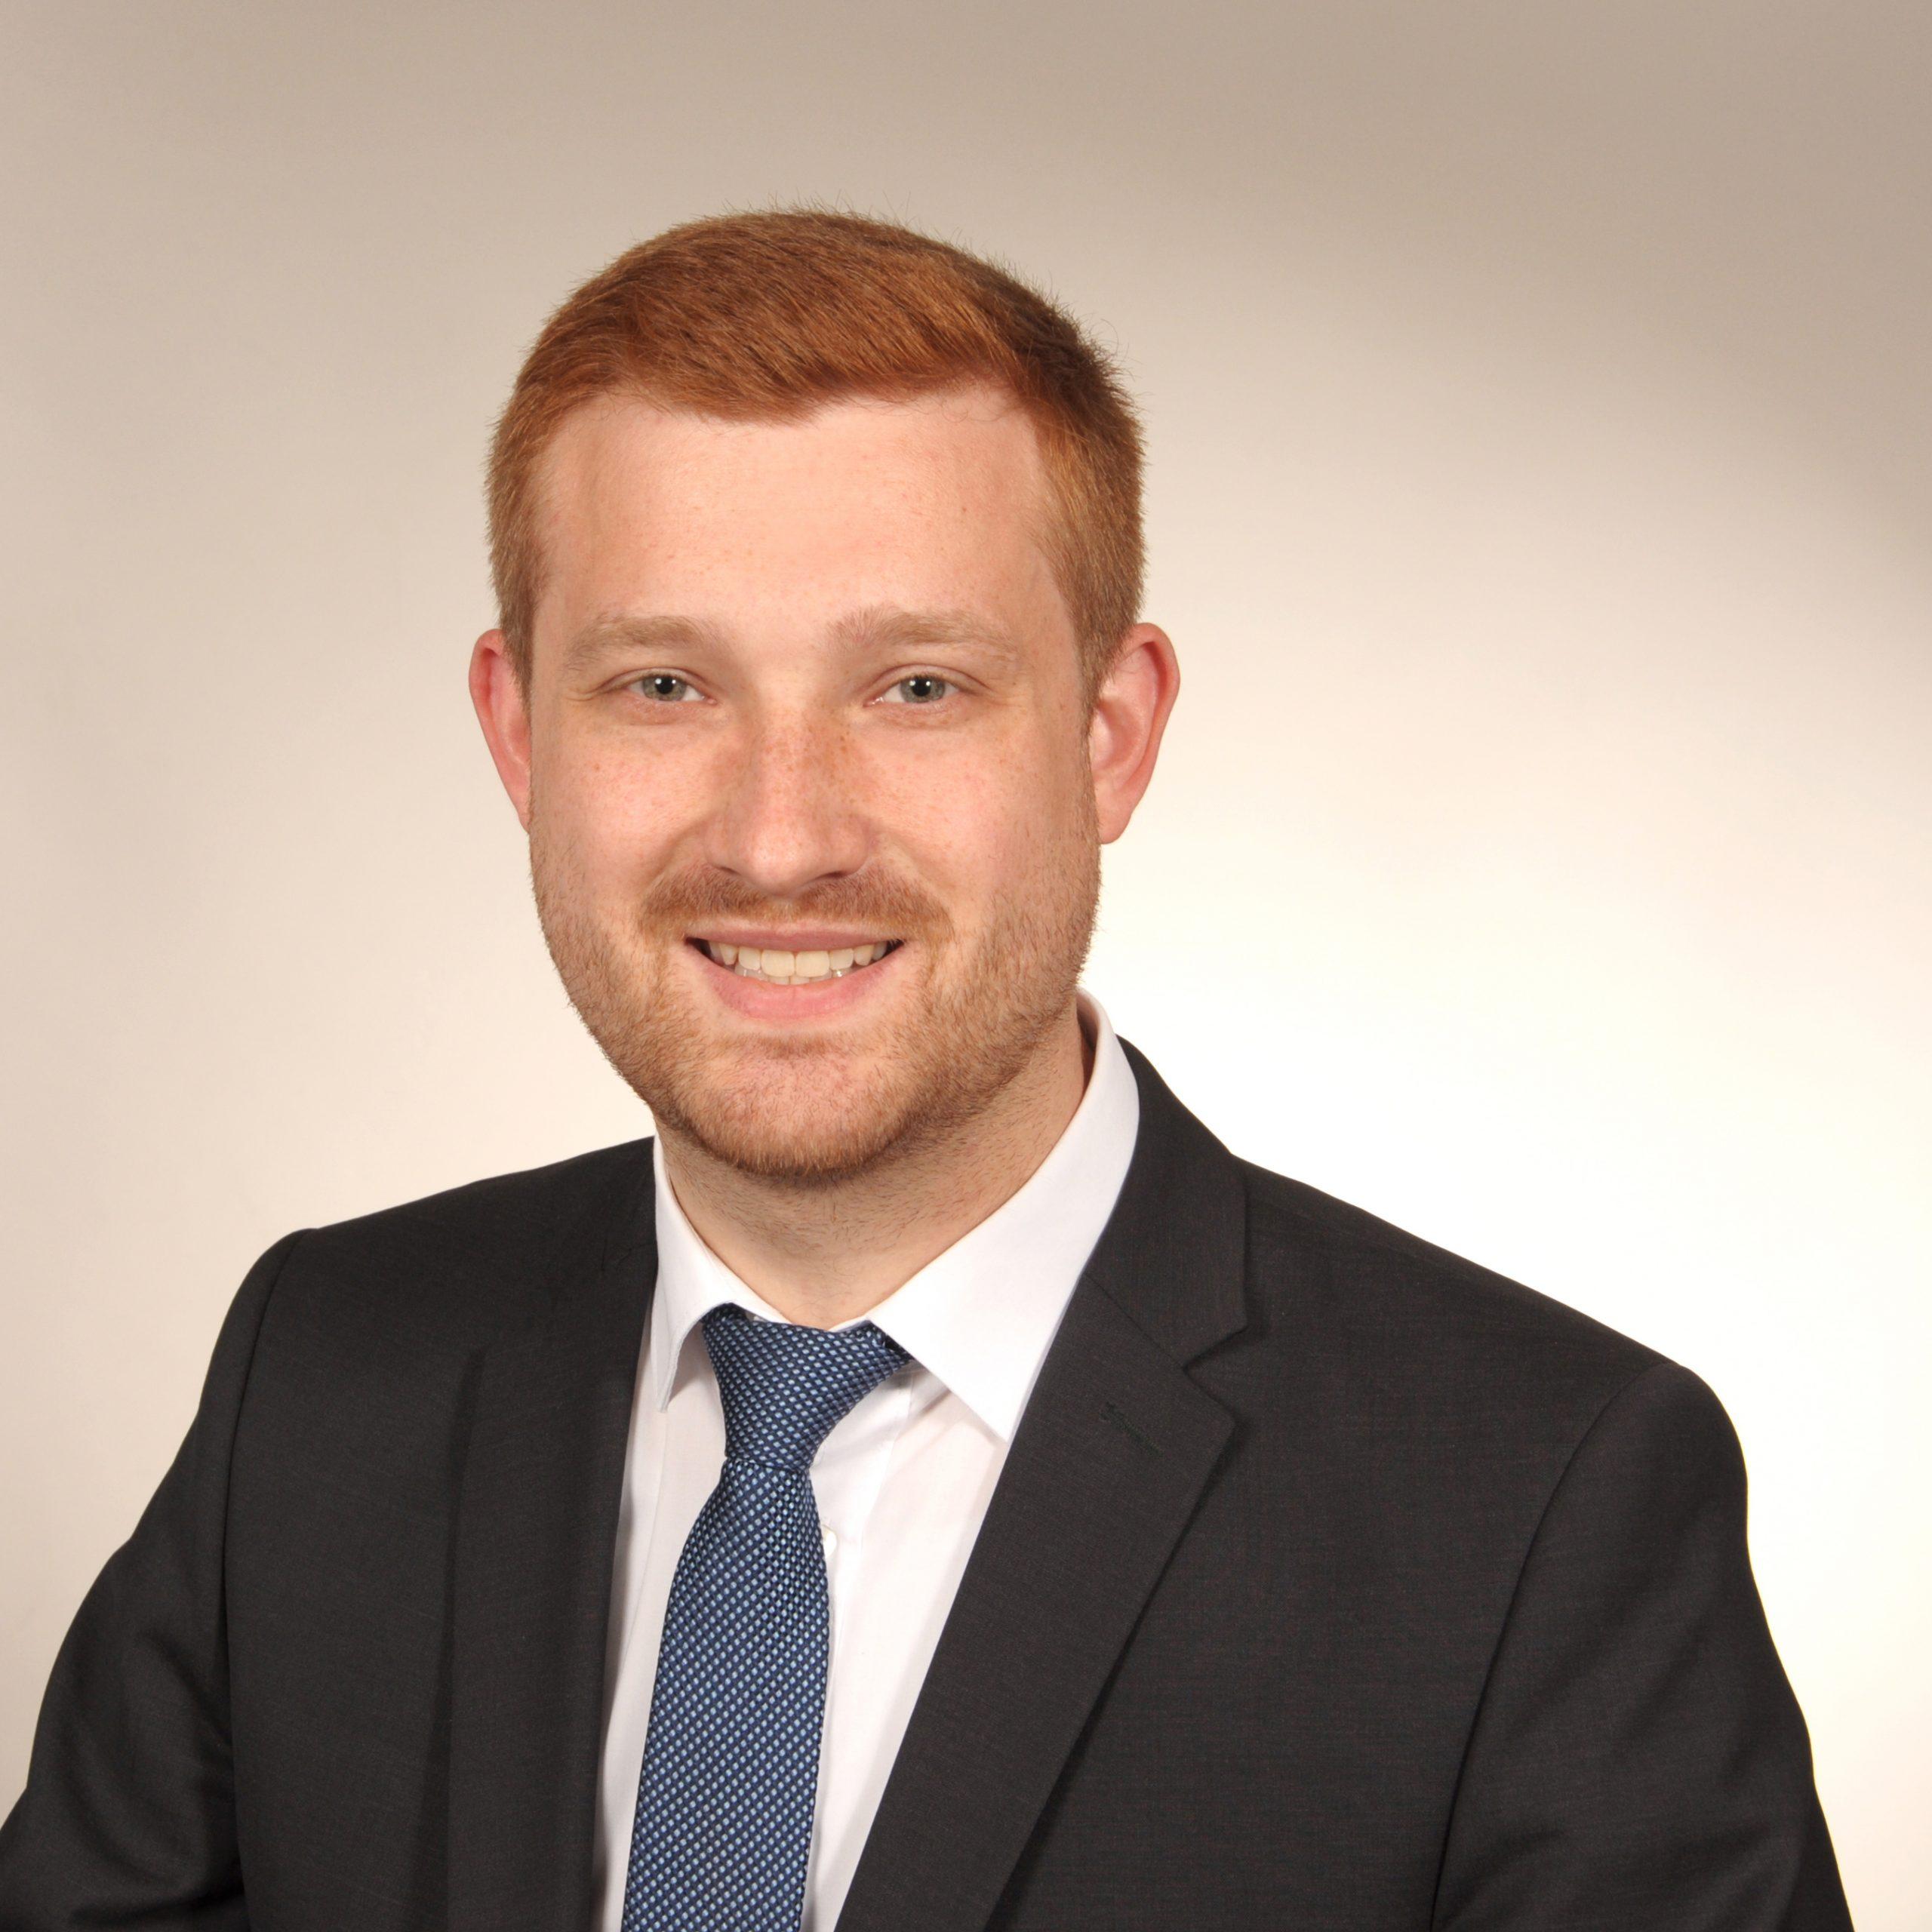 Dirk-Frederik Stelling